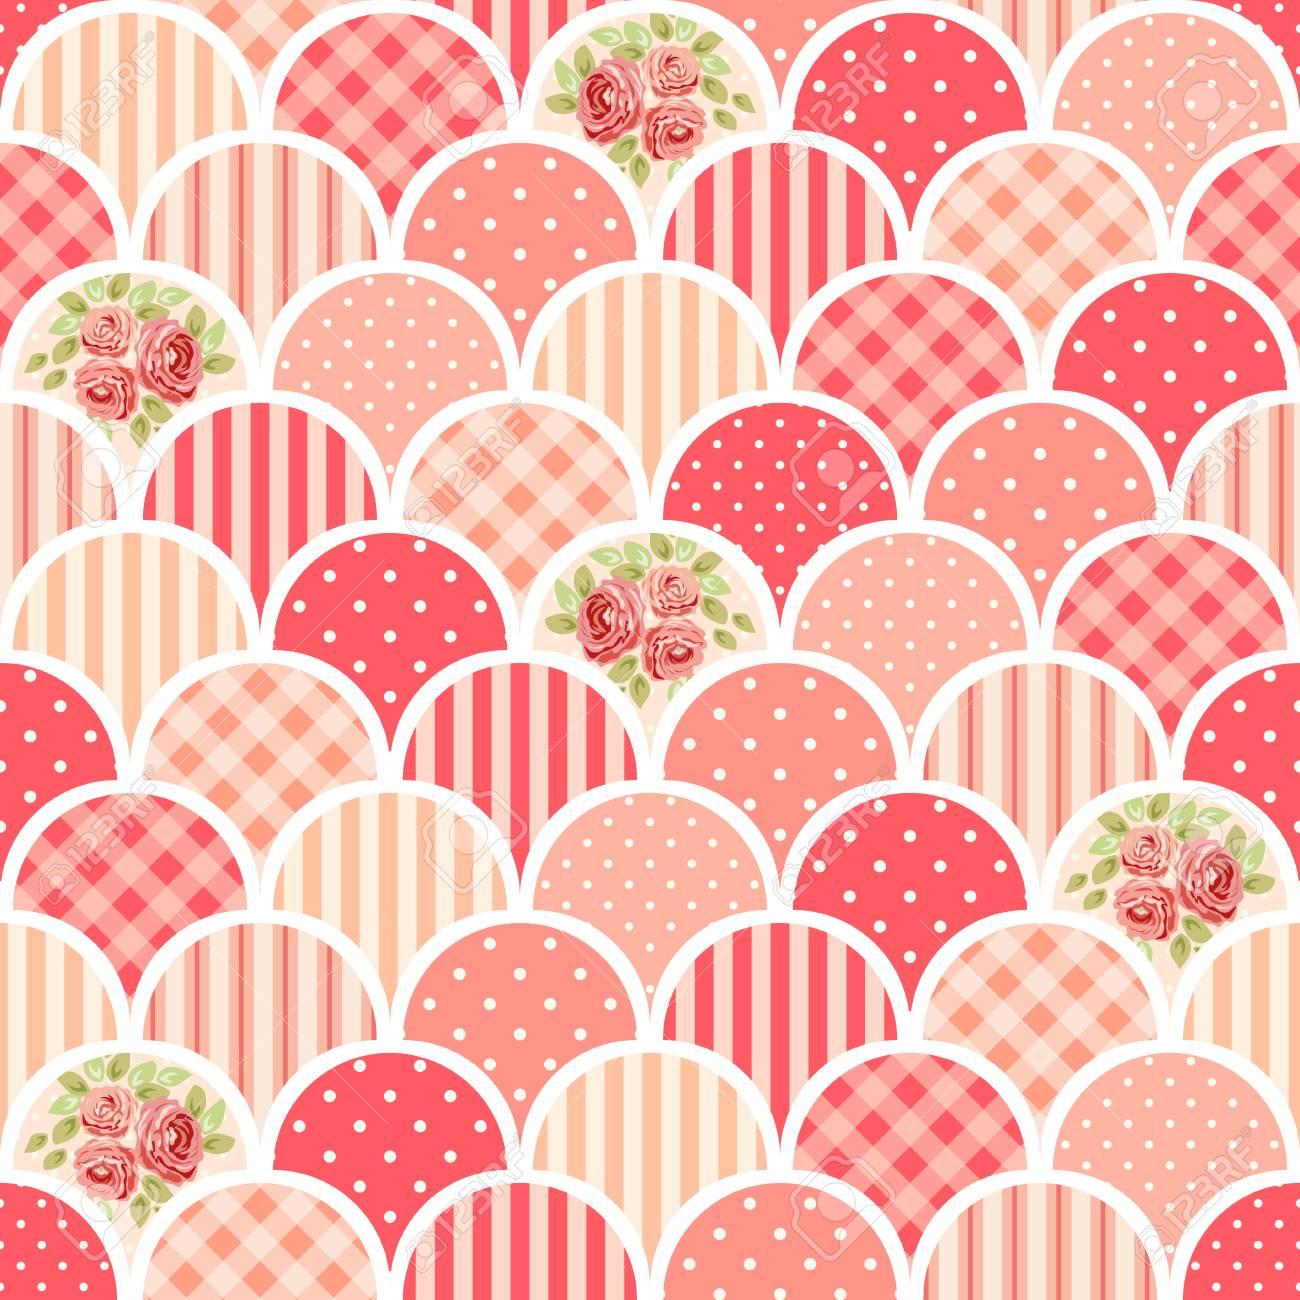 Tessuti Stile Shabby Chic.Carta D Epoca Senza Soluzione Di Continuita D Epoca Come Patchwork In Stile Shabby Chic Ideale Per Cucina Tessile O Biancheria Da Letto Tessuti